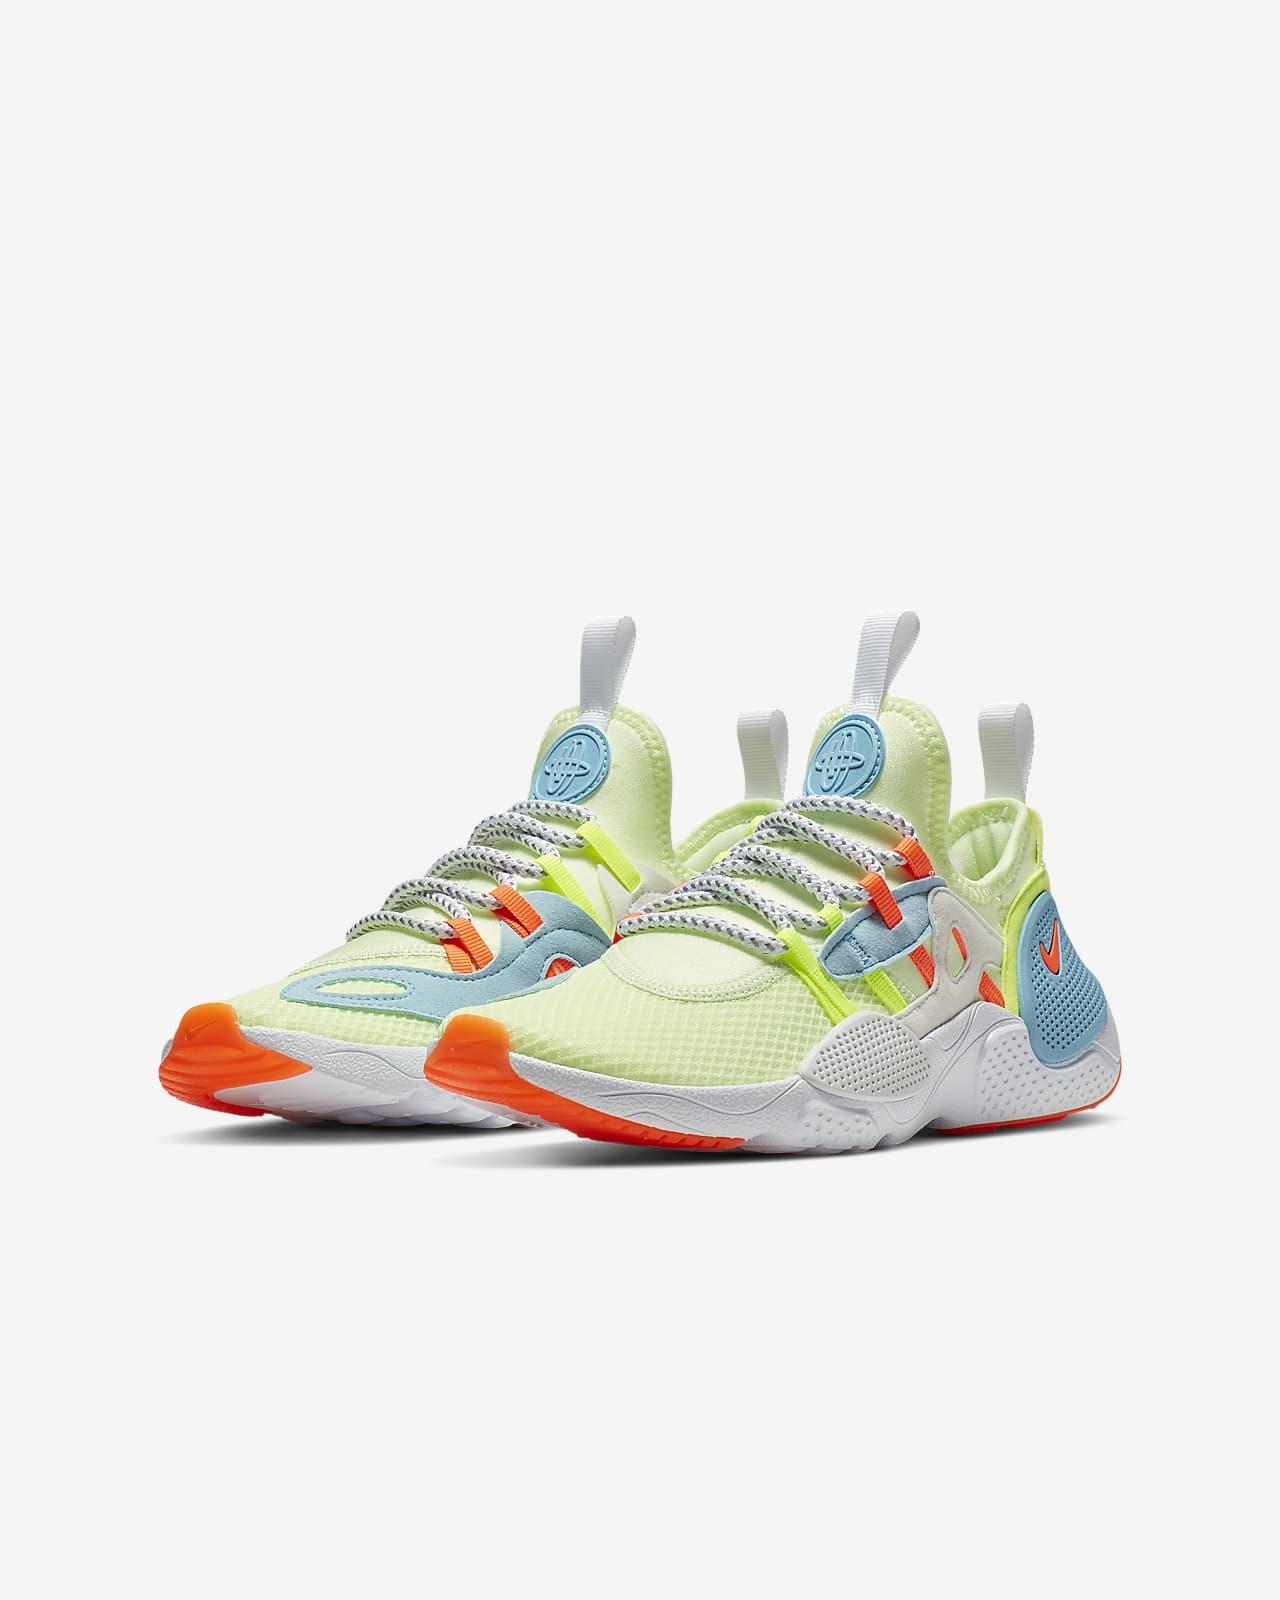 Nike Huarache E.D.G.E. Premium TXT Big